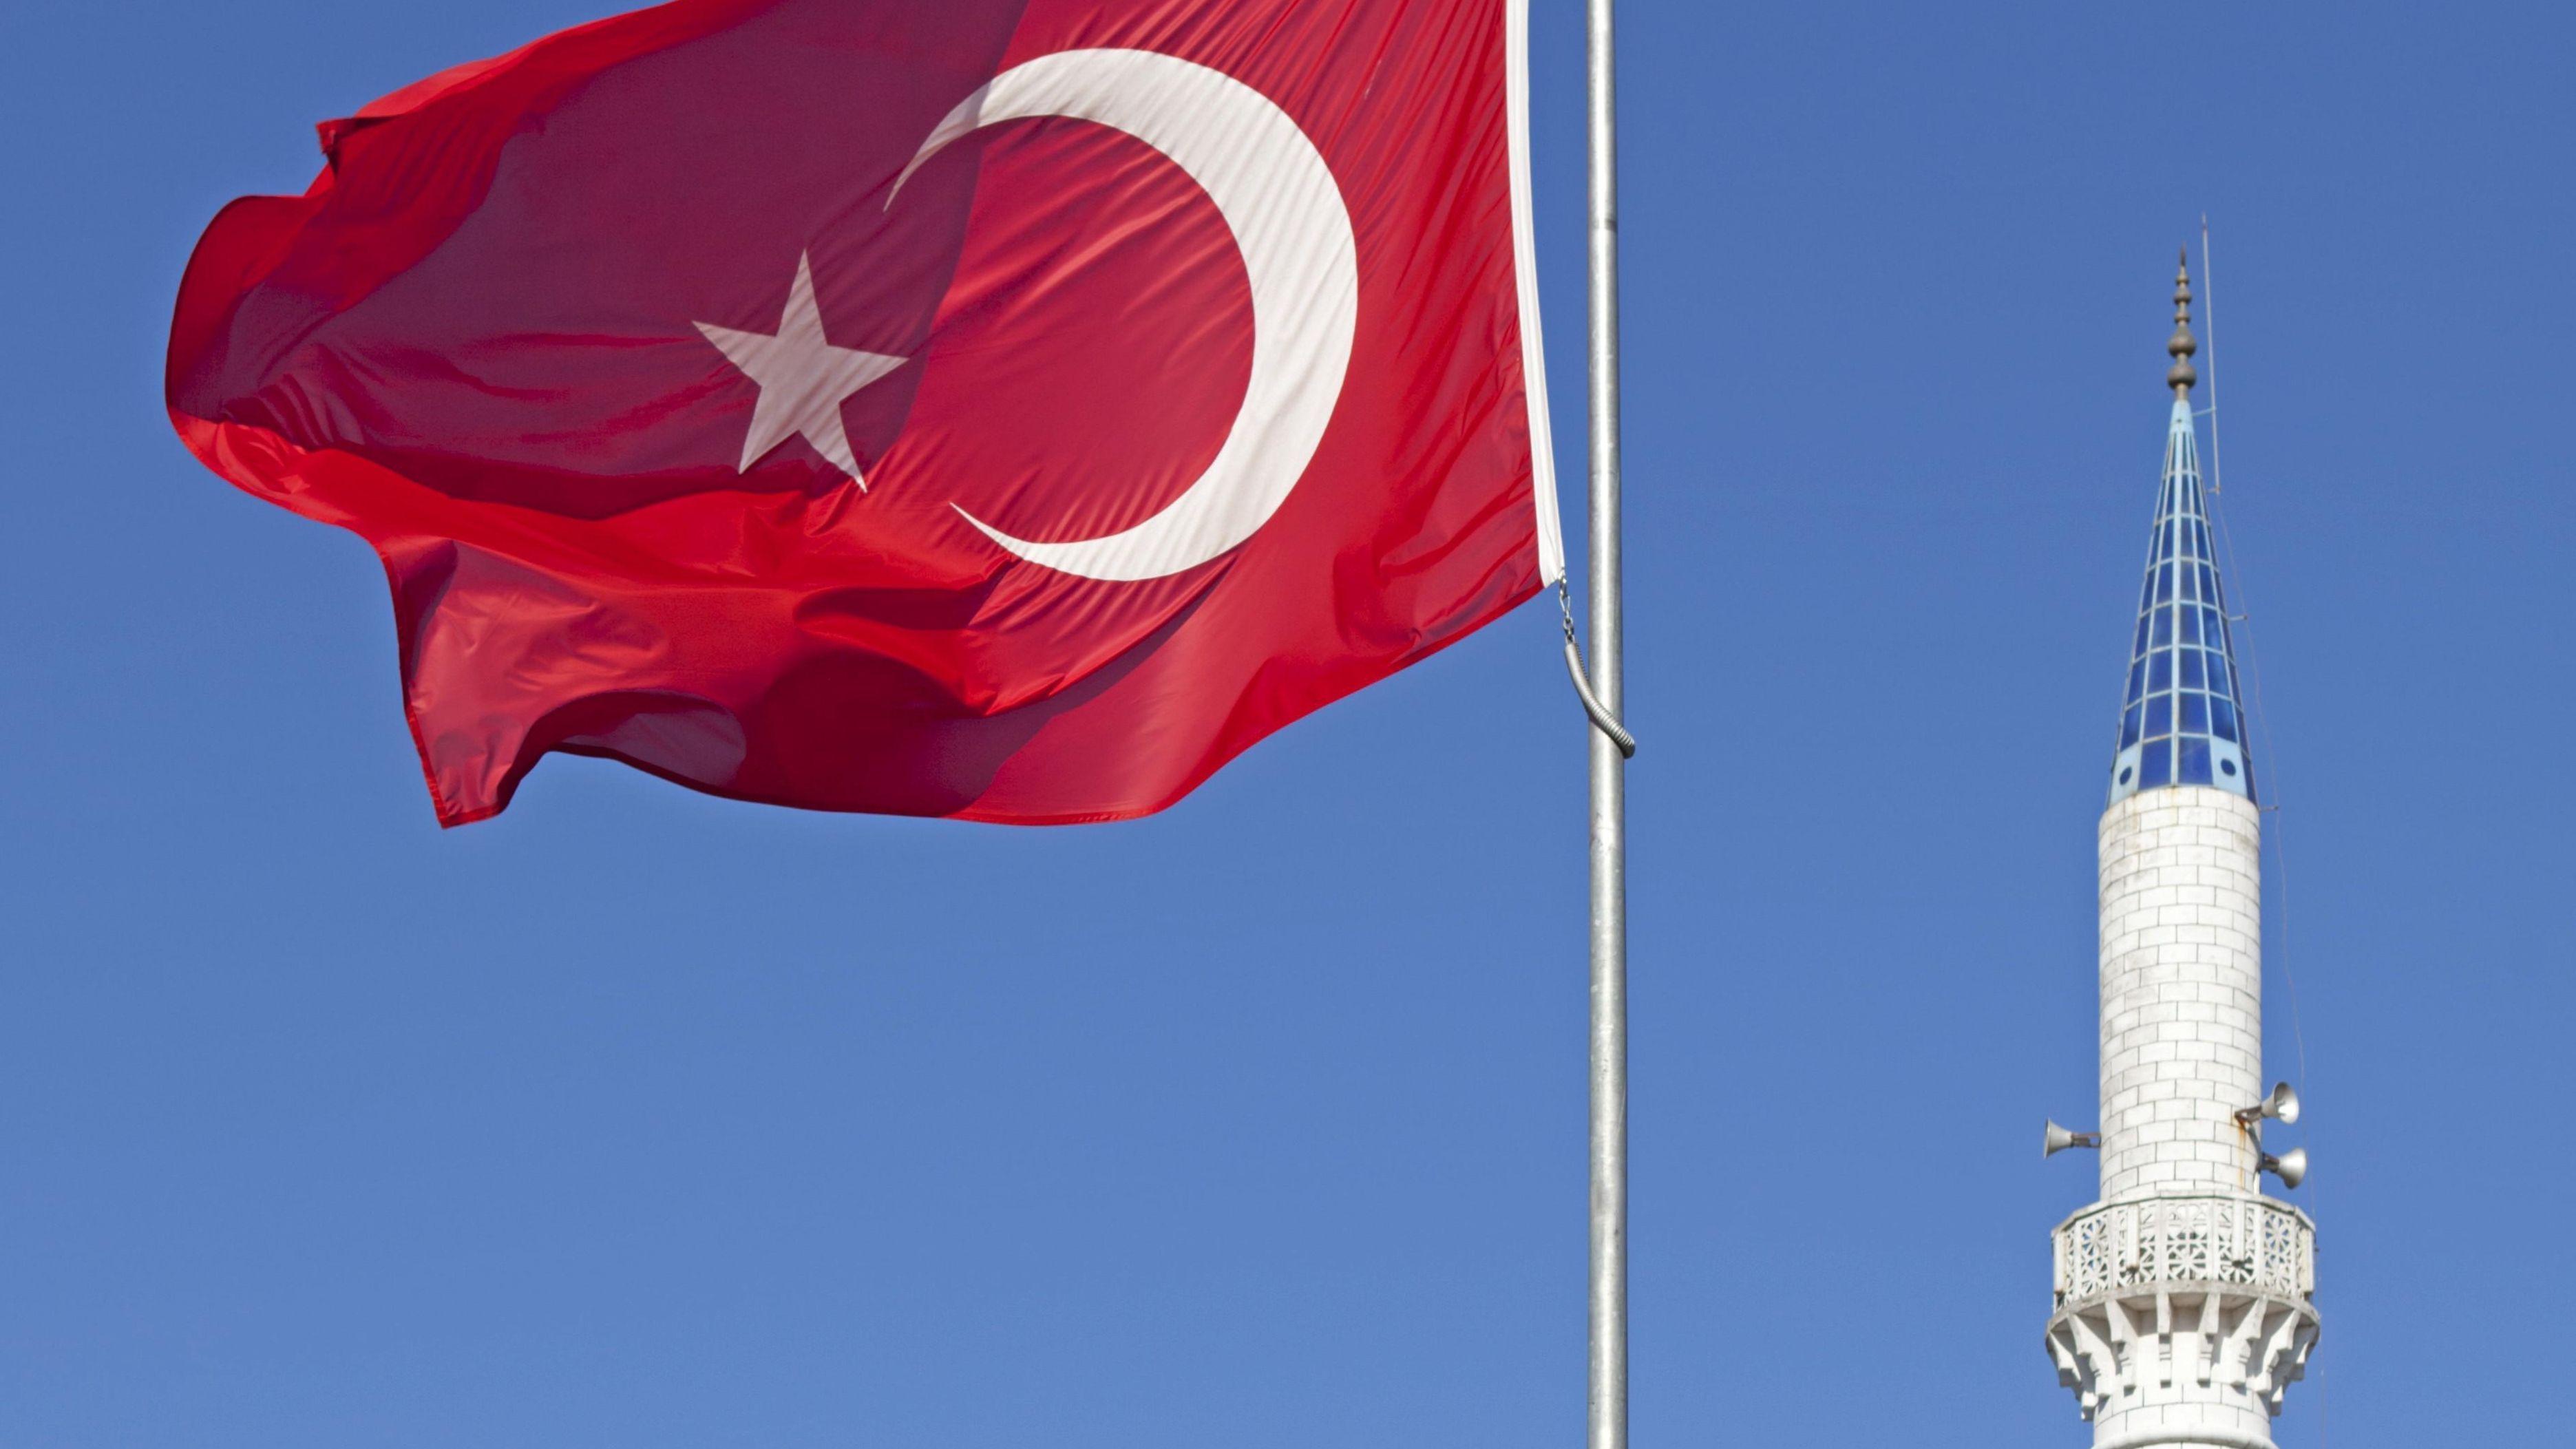 Türkische Flagge weht vor einem Minarett.